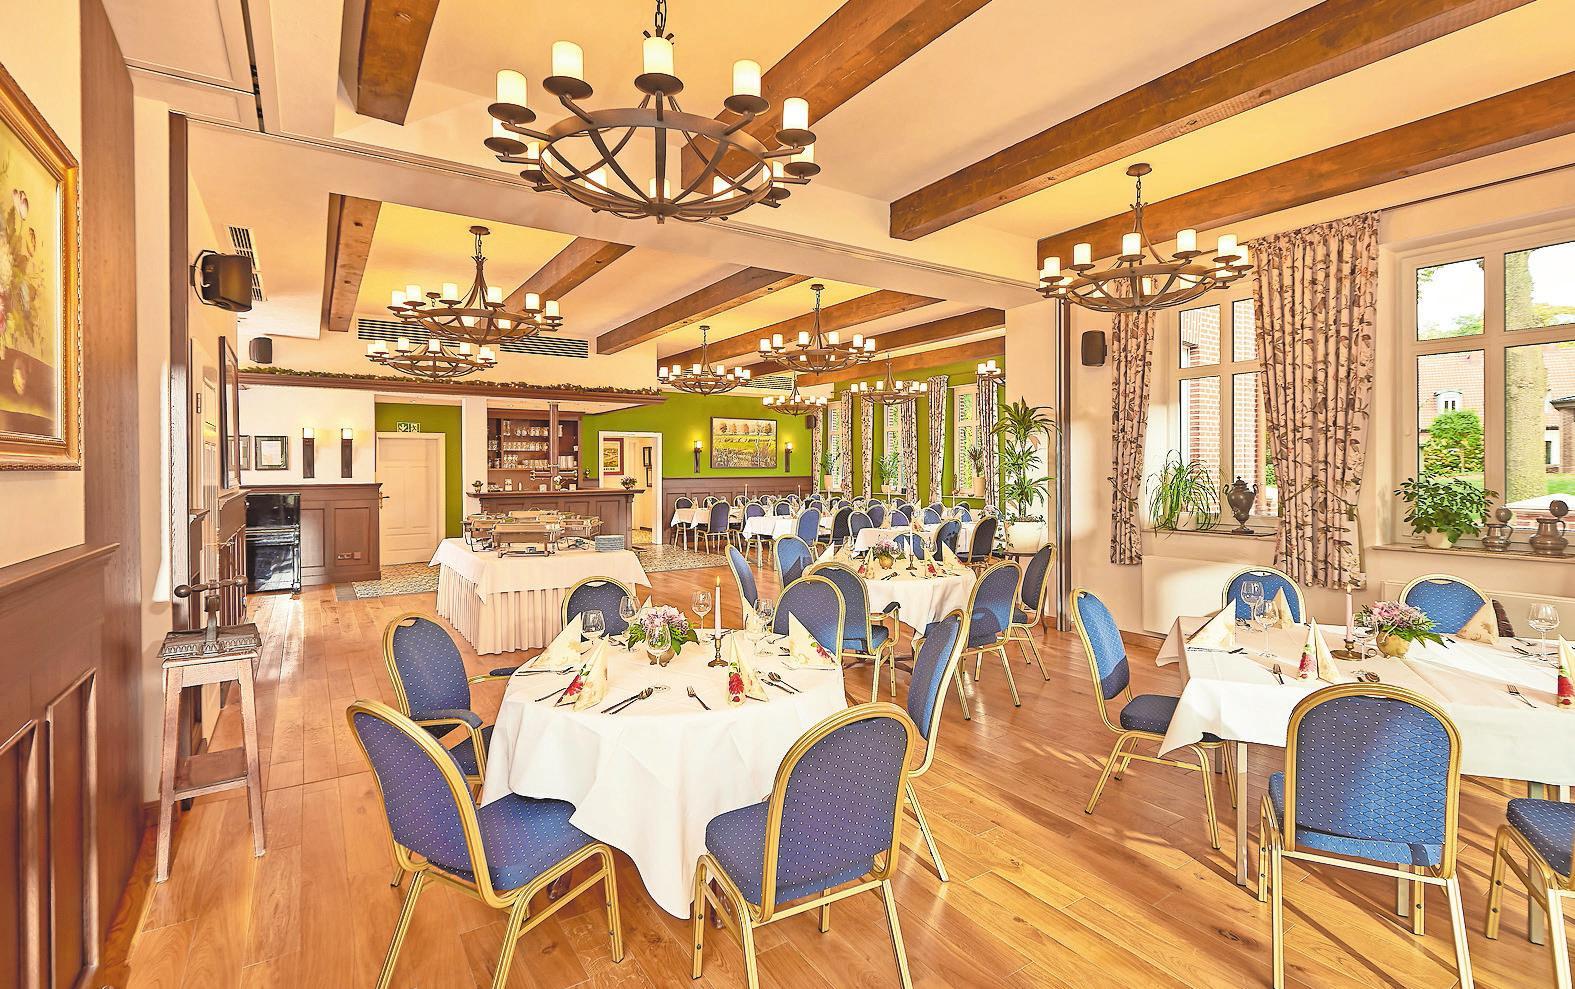 Der Tagungsraum: Voll klimatisiert und mit moderner Technik ausgestattet können hier Versammlungen und Tagungen abgehalten werden.